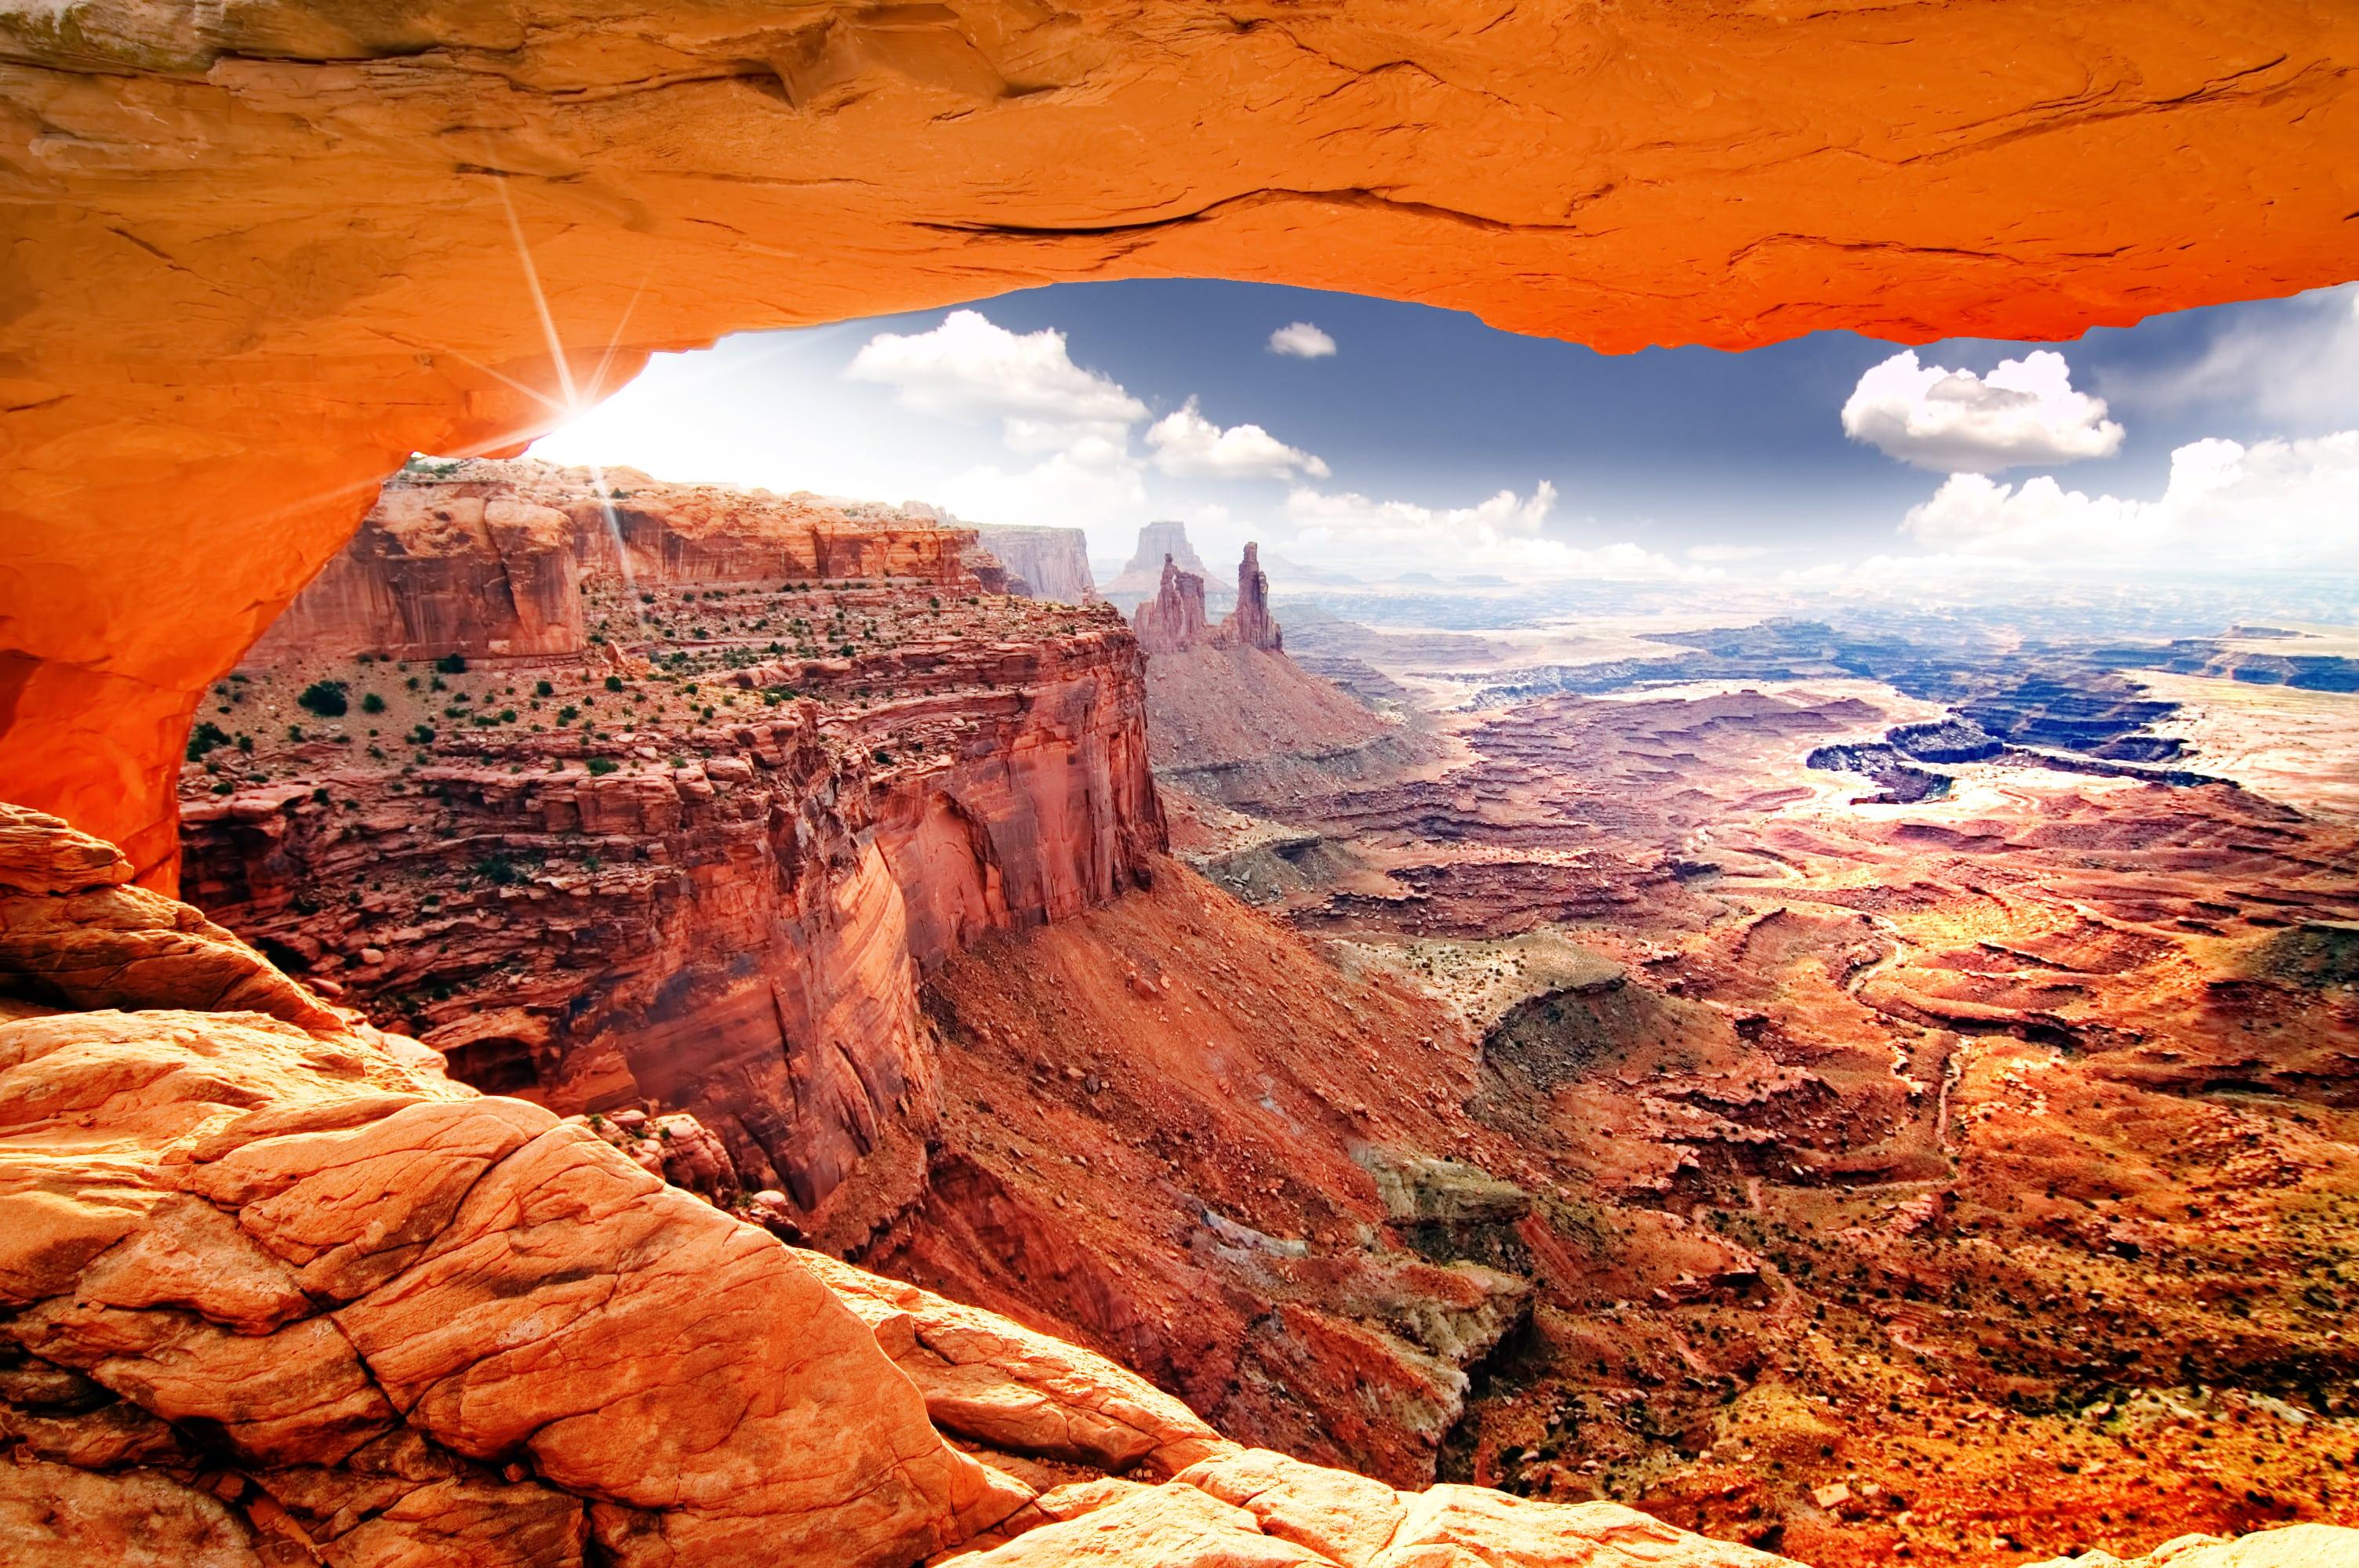 世界遺産、エッフェル塔の見どころ3選!夜景のライトアップは見逃せない   SHIORI